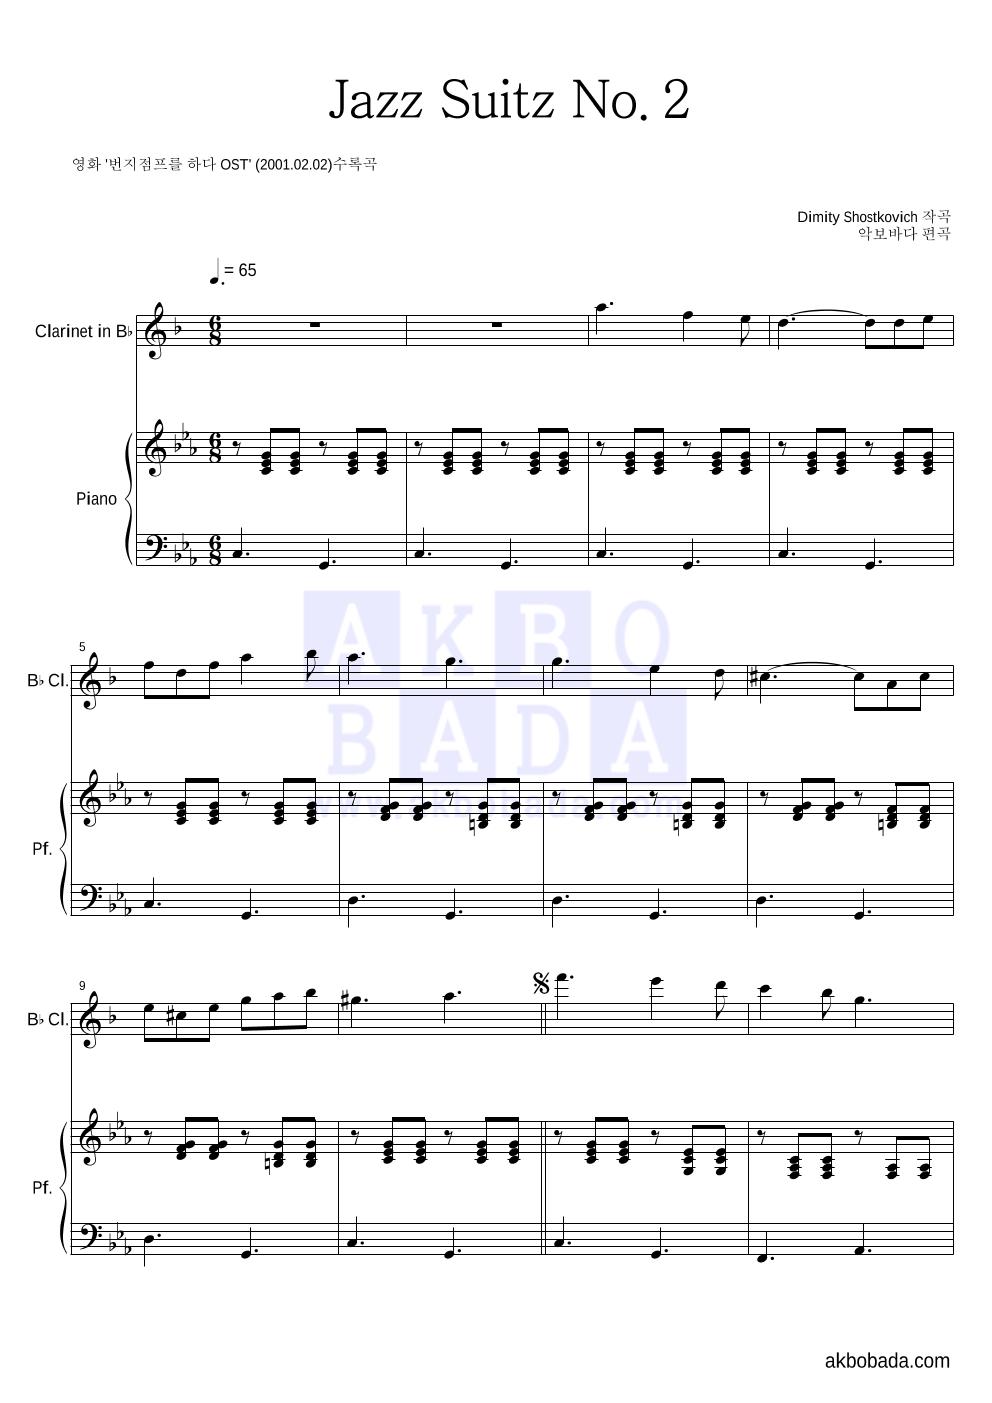 쇼스타코비치 - Waltz No.2 클라리넷&피아노 악보